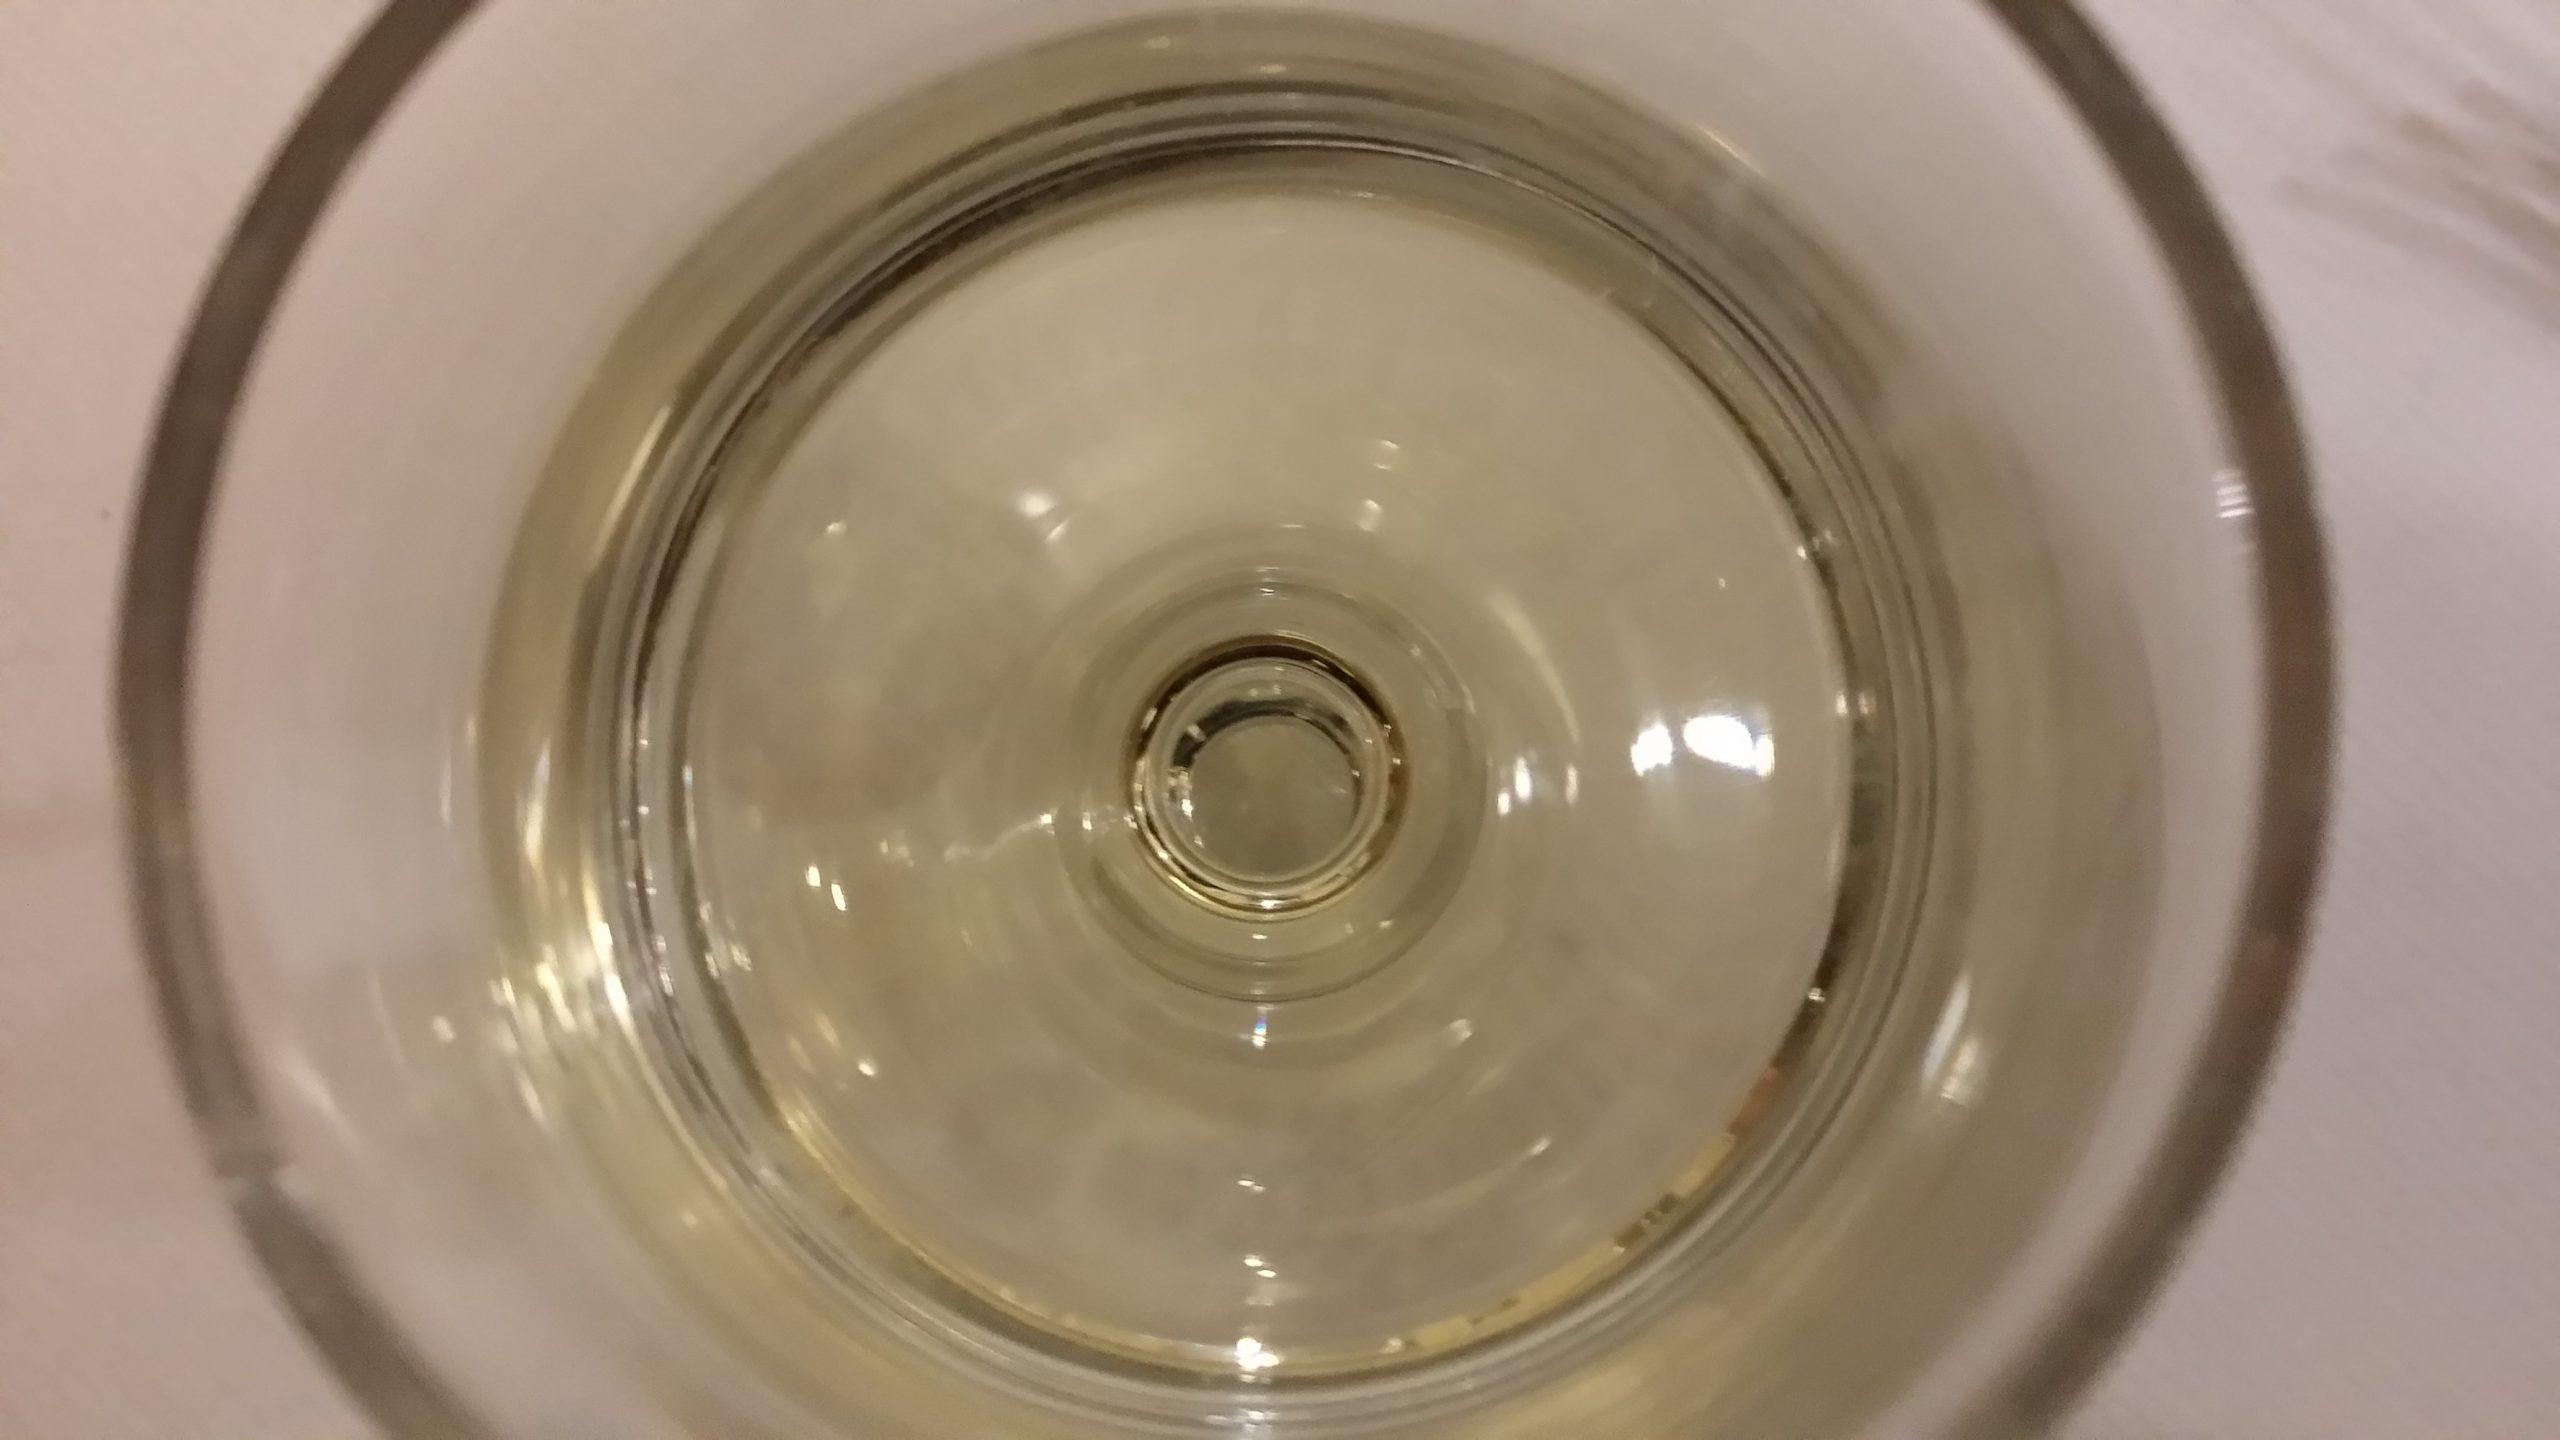 Retsina foto dettaglio vino bianco1 scaled